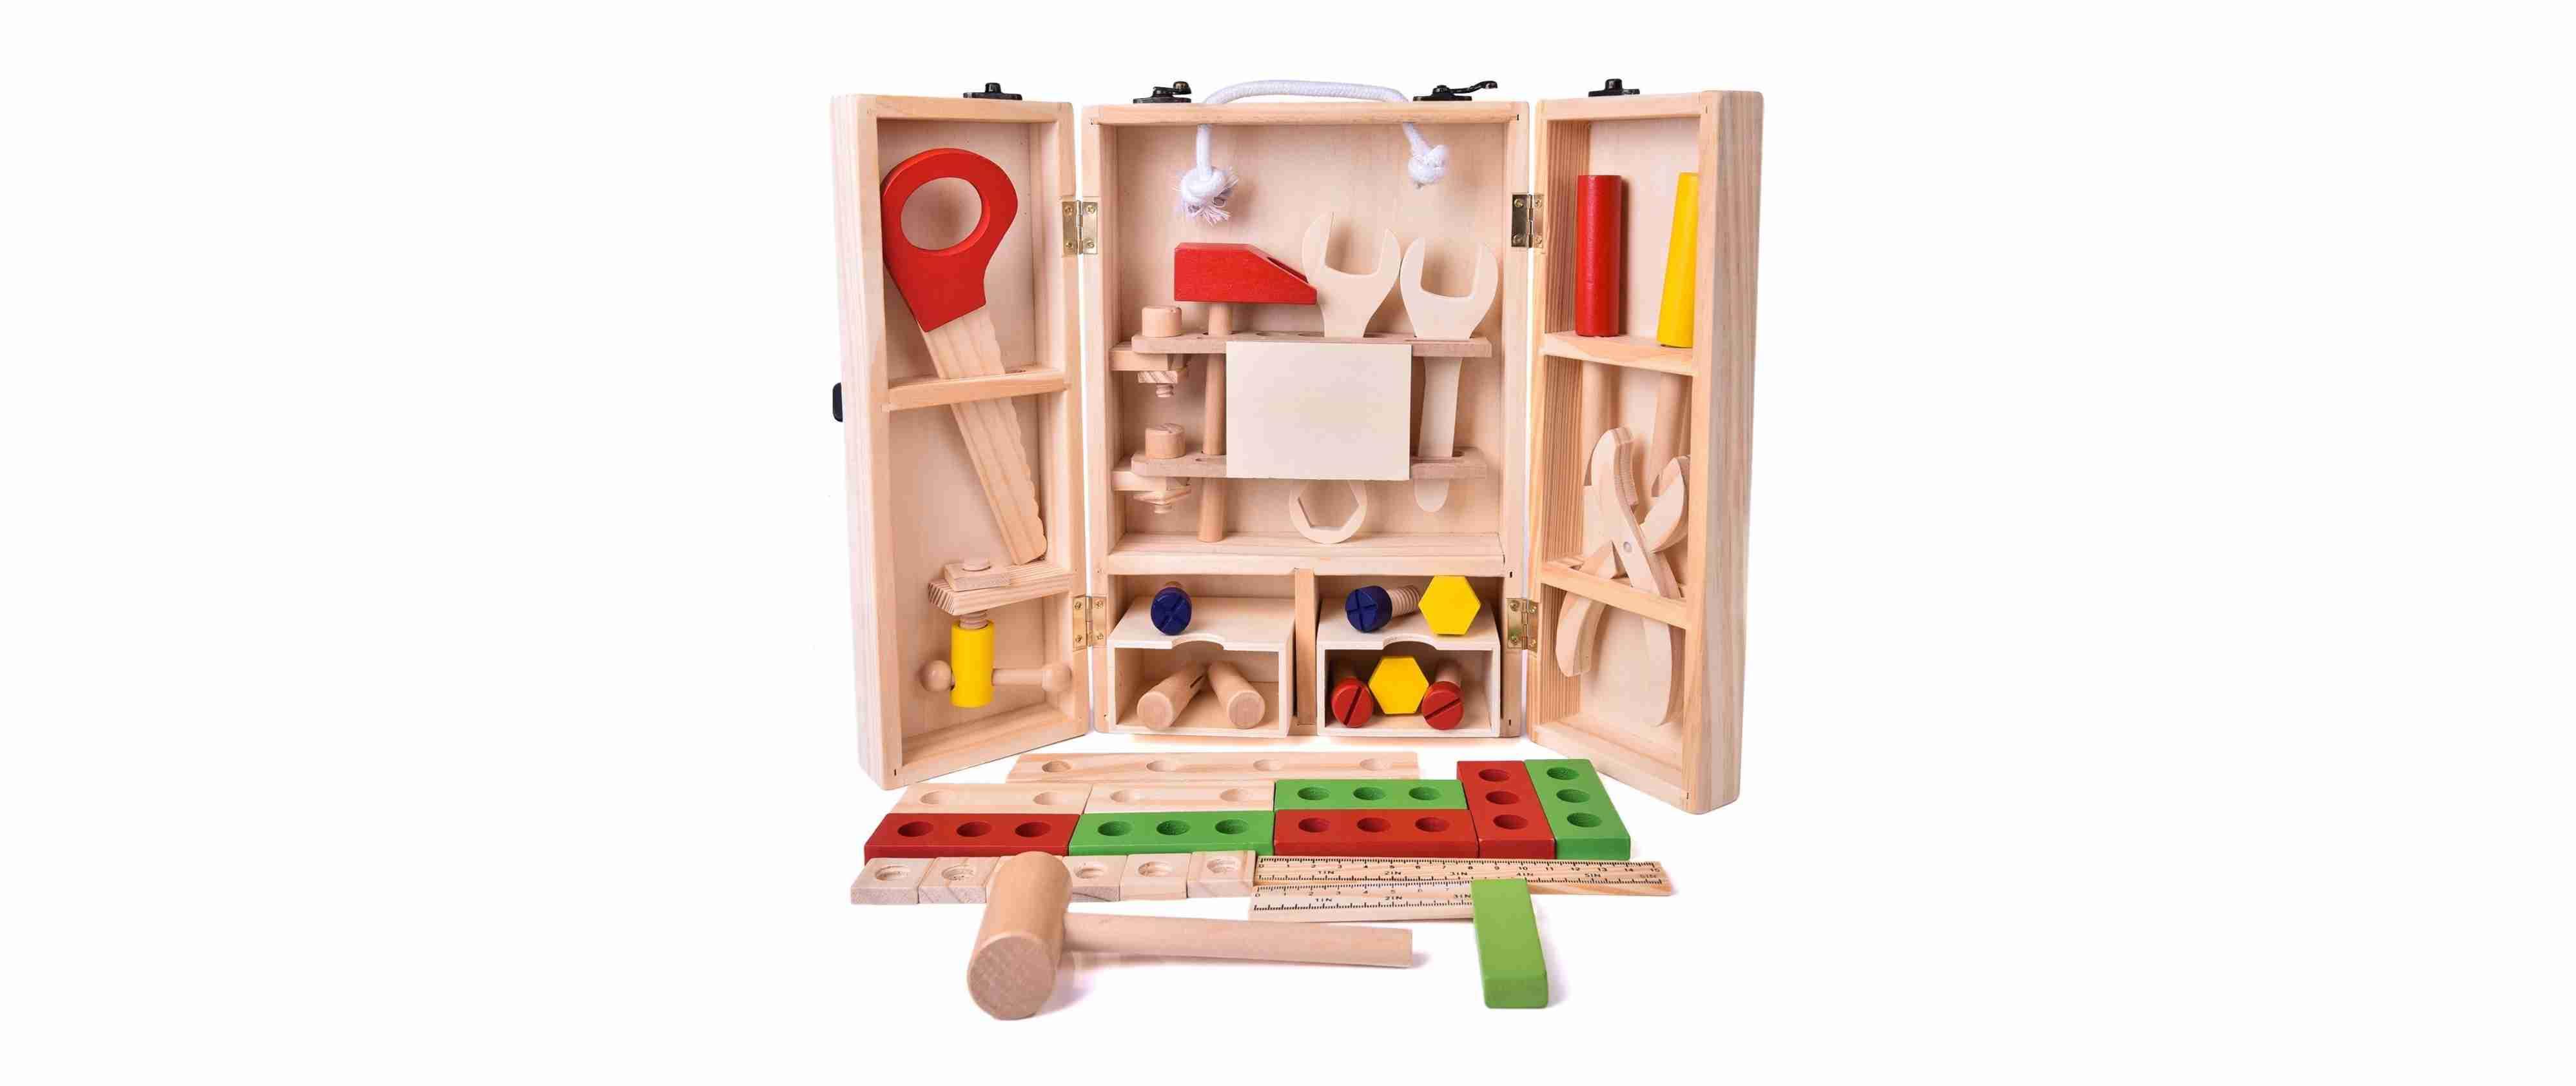 Wooden Workshop Tool Set